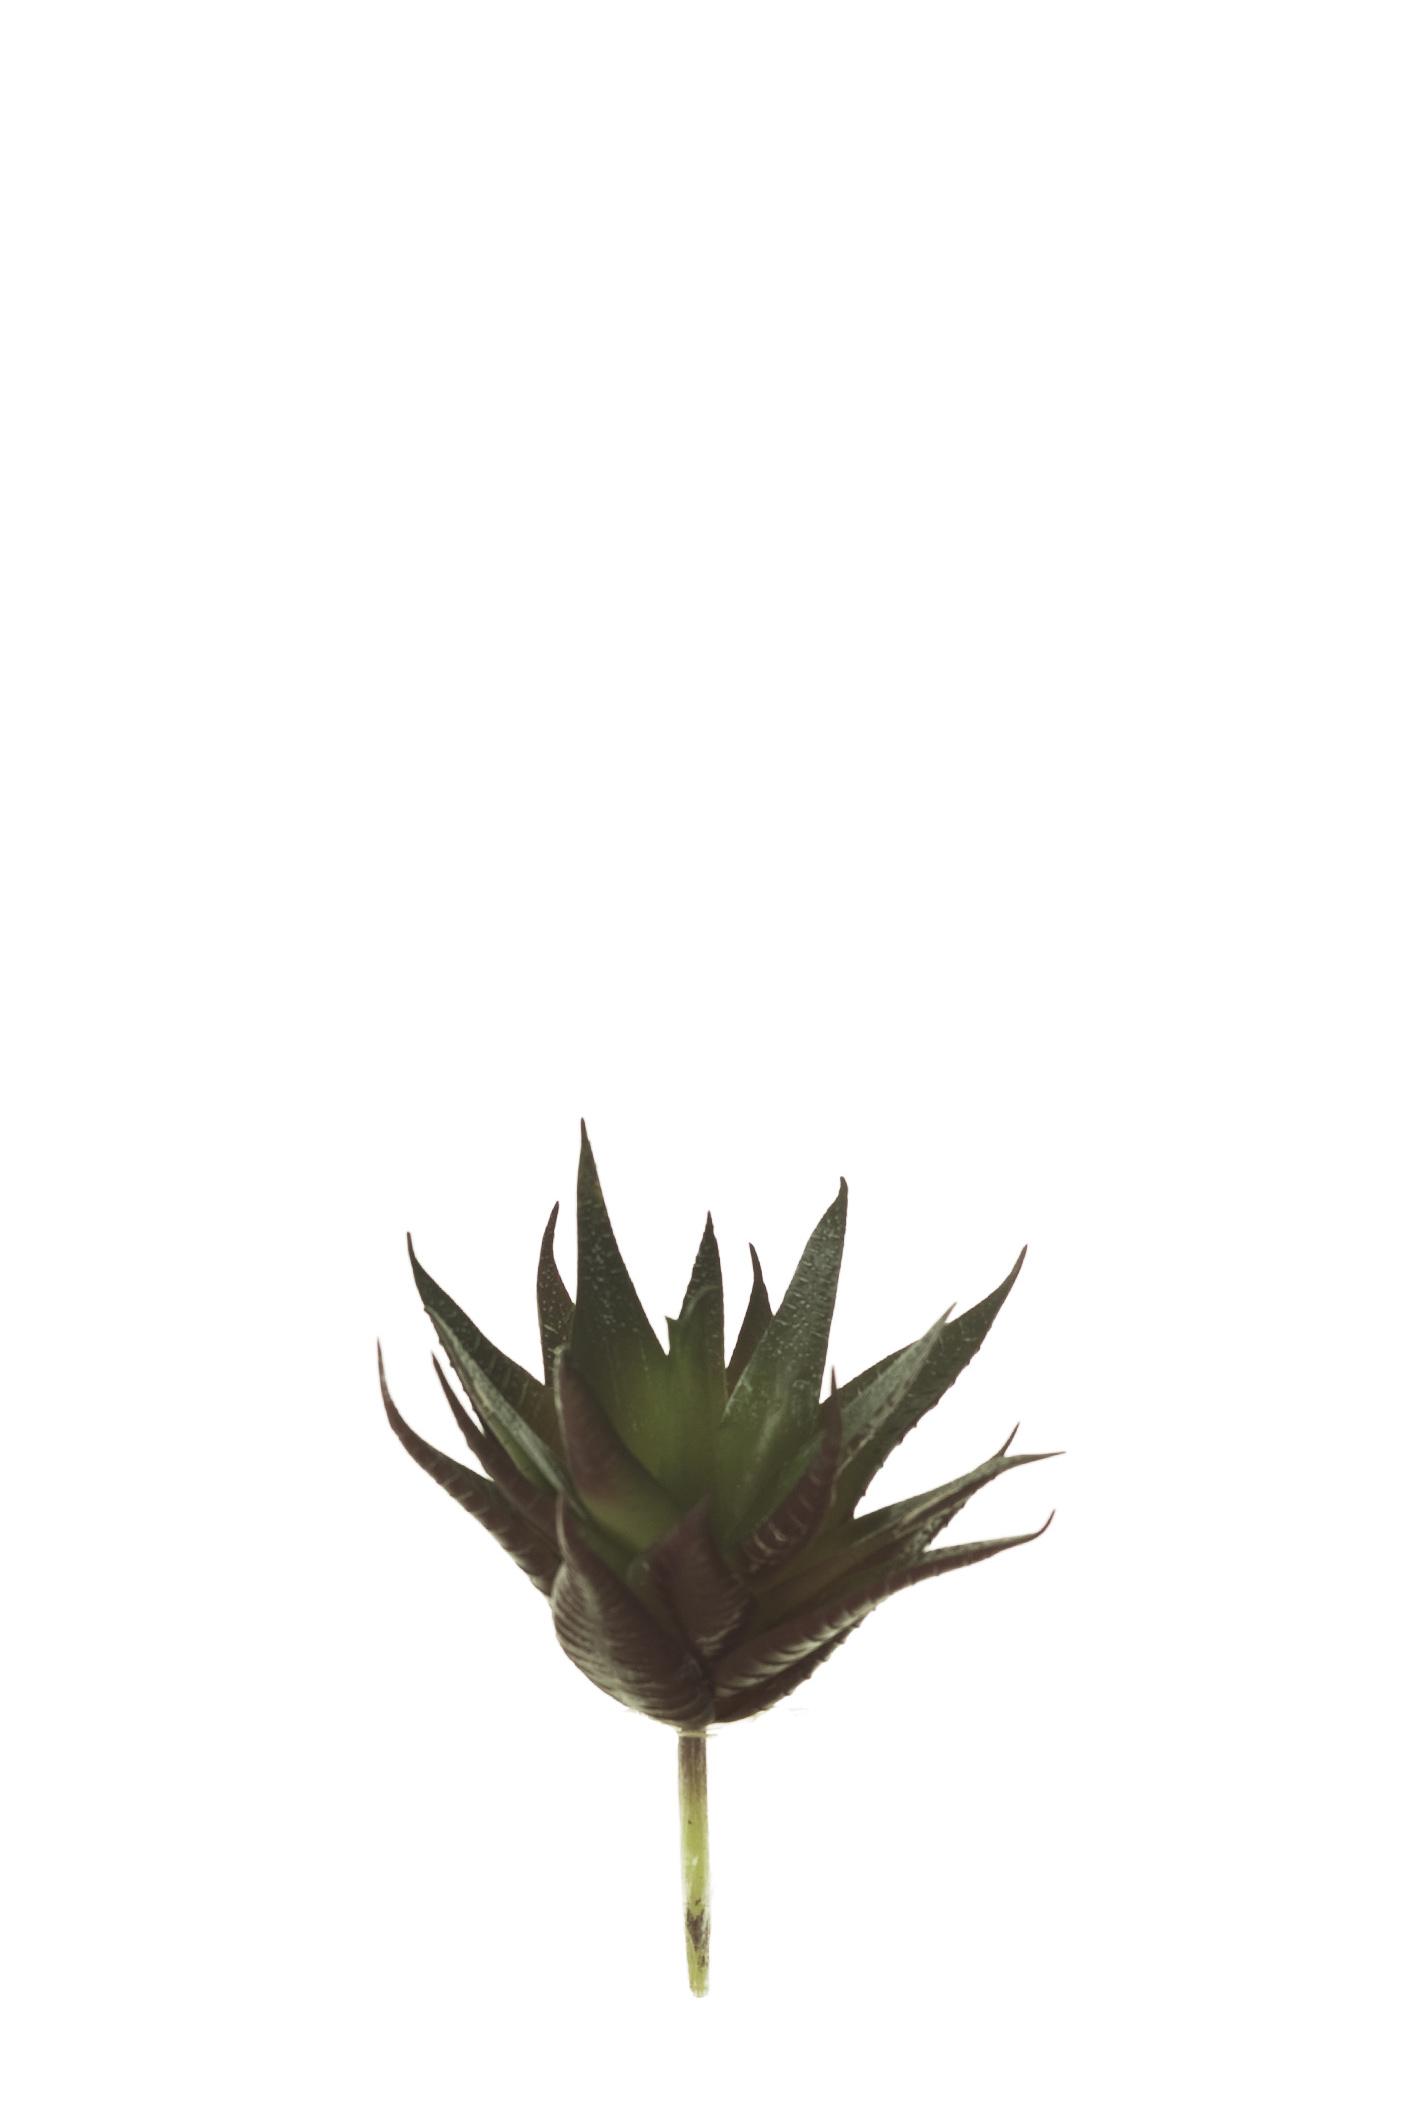 GRASA FLORESYMUCHOMAS.COM